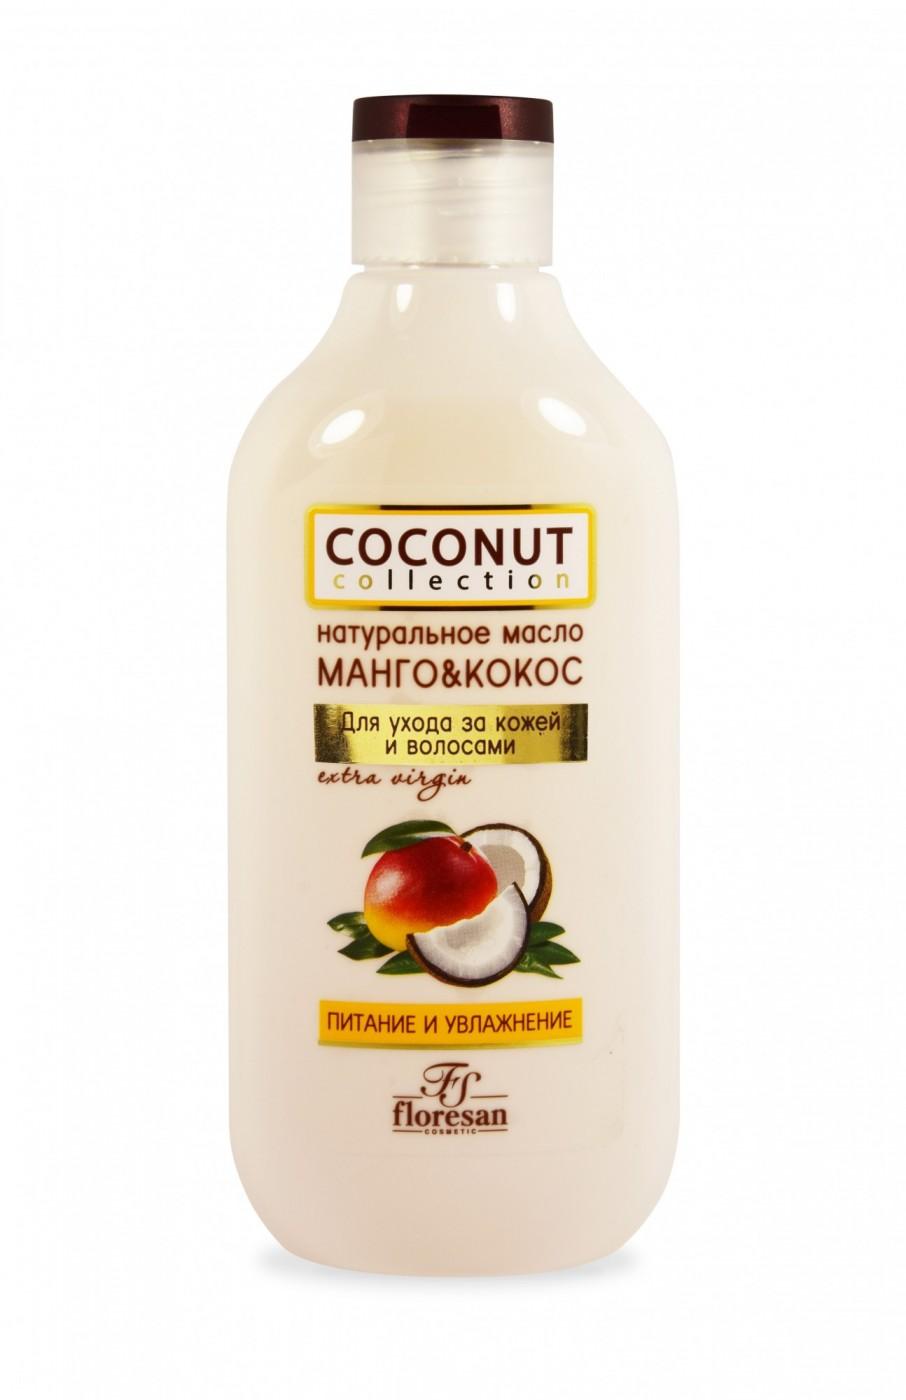 Натуральное масло «Манго & кокос»,300 мл